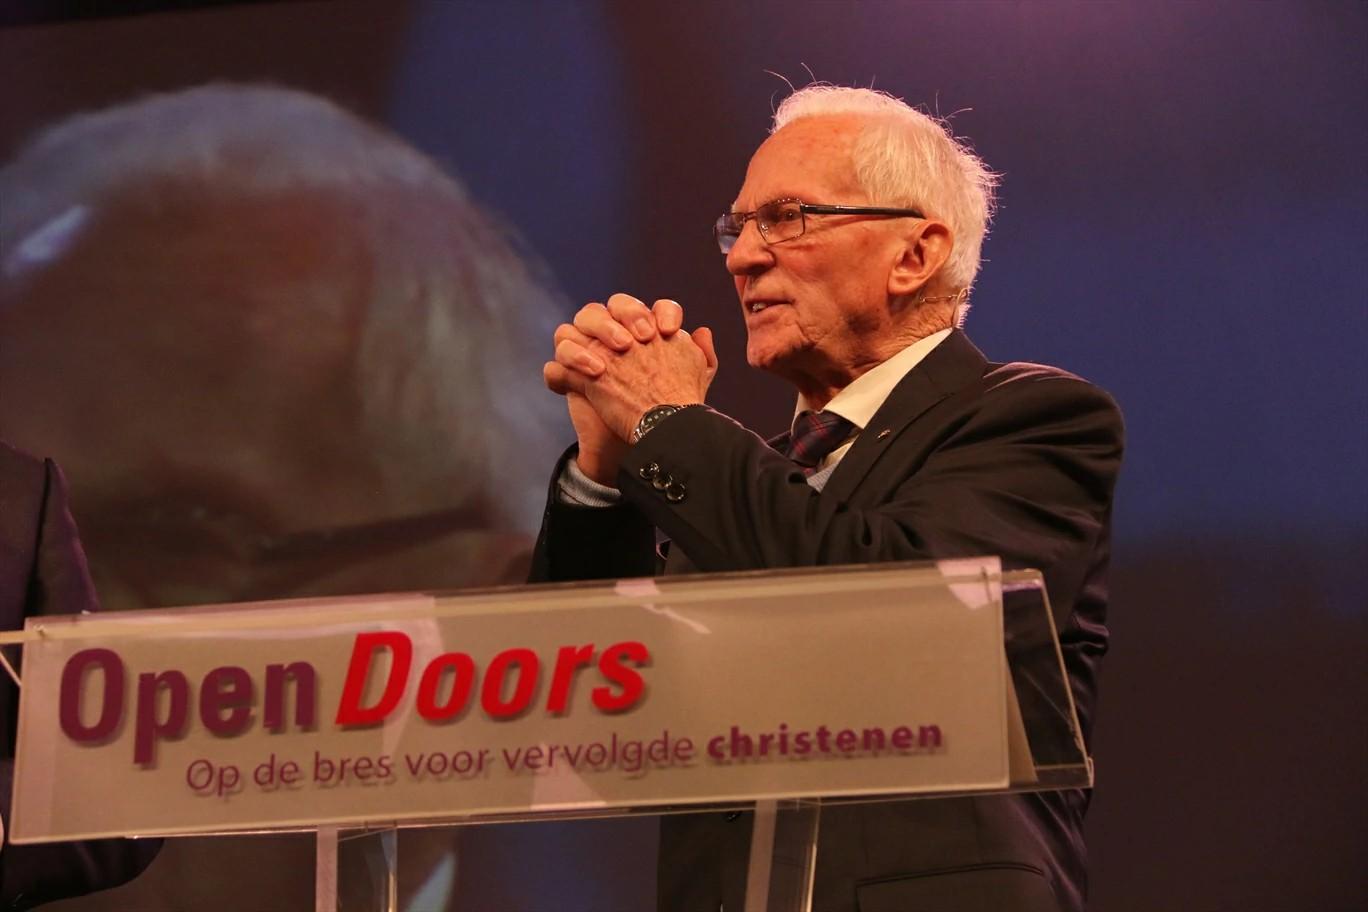 Há 64 anos, a Portas Abertas apoia e fortalece a Igreja Perseguida ao redor do mundo. Obrigado por fazer parte desta história conosco!